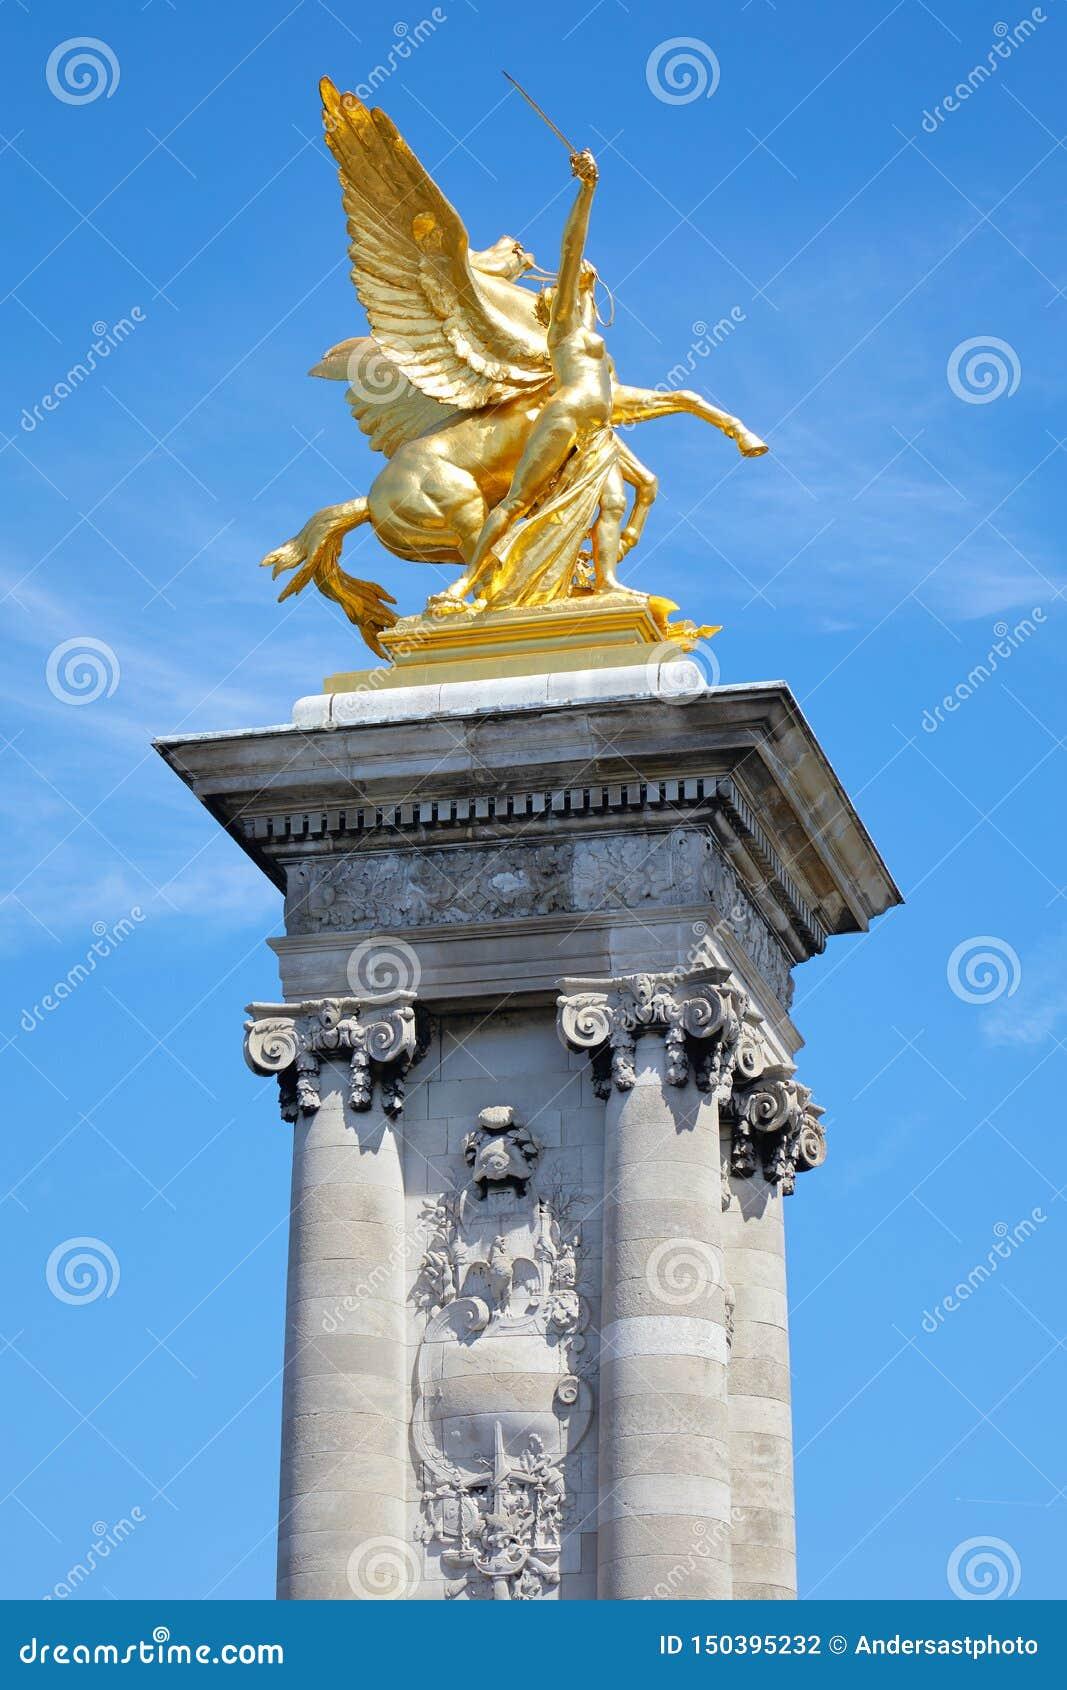 Paris, Alexandre III Bridge Golden Statue With Winged